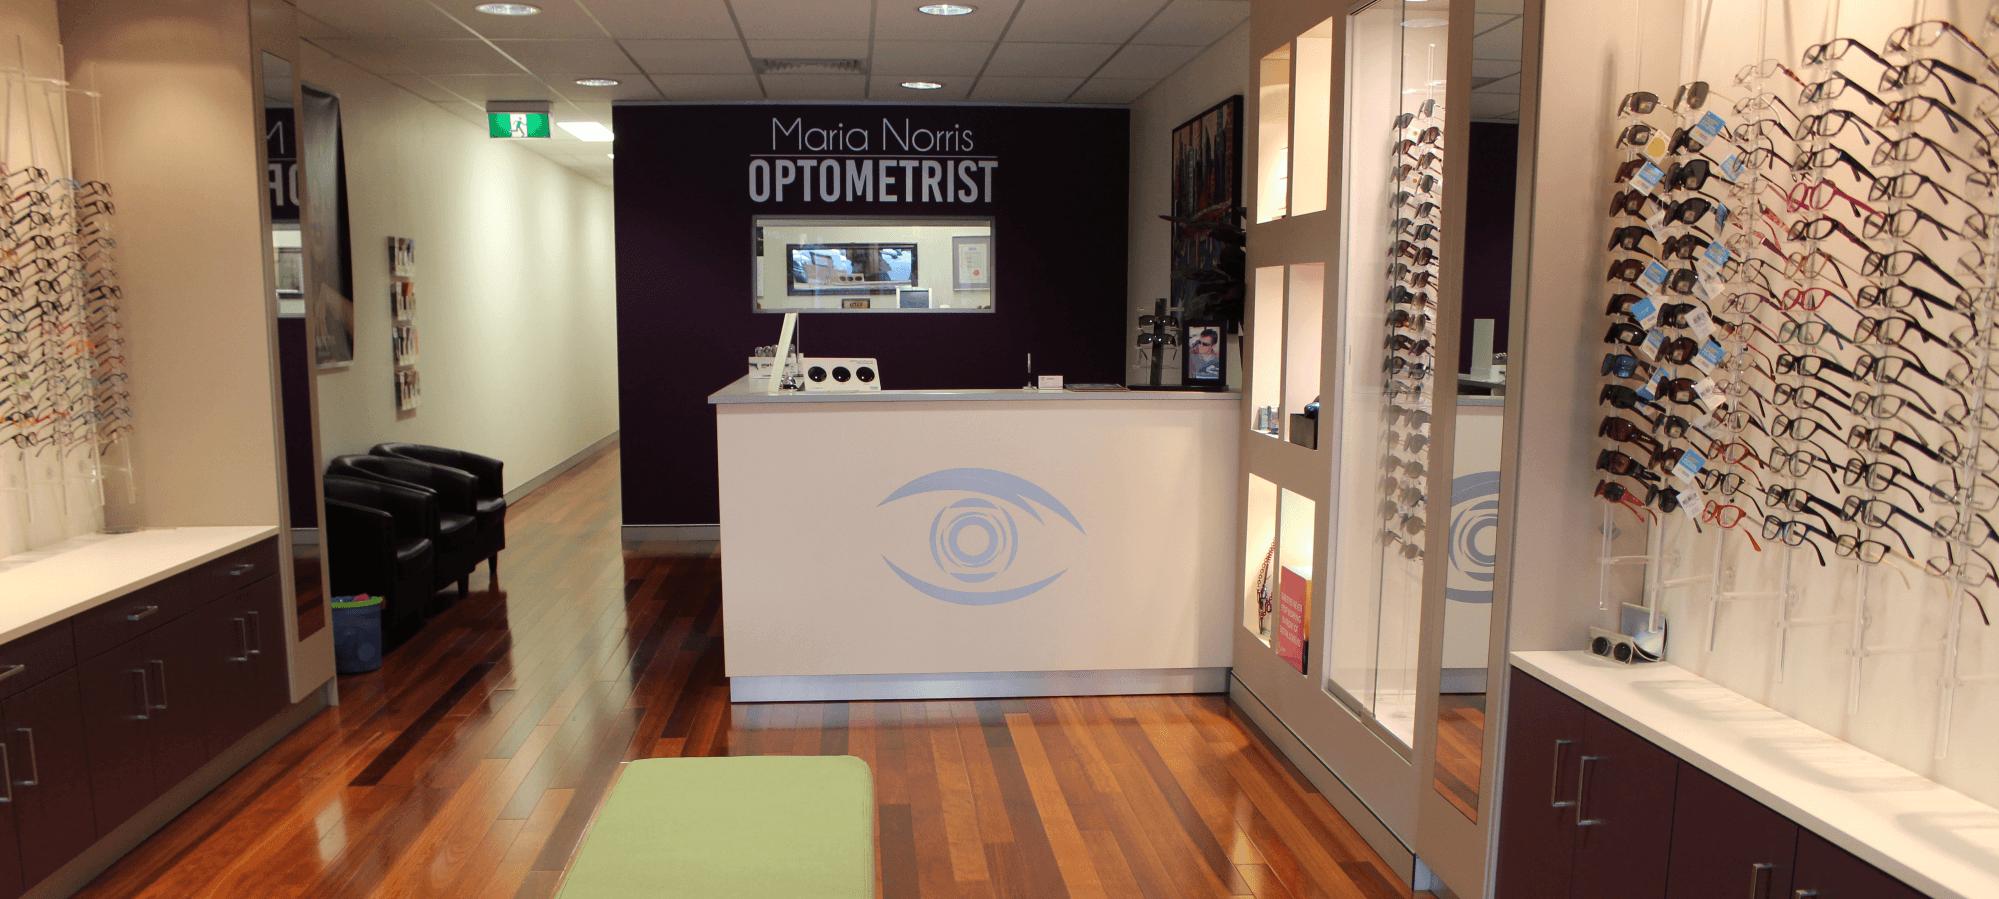 Contact Maria Norris Optometrist